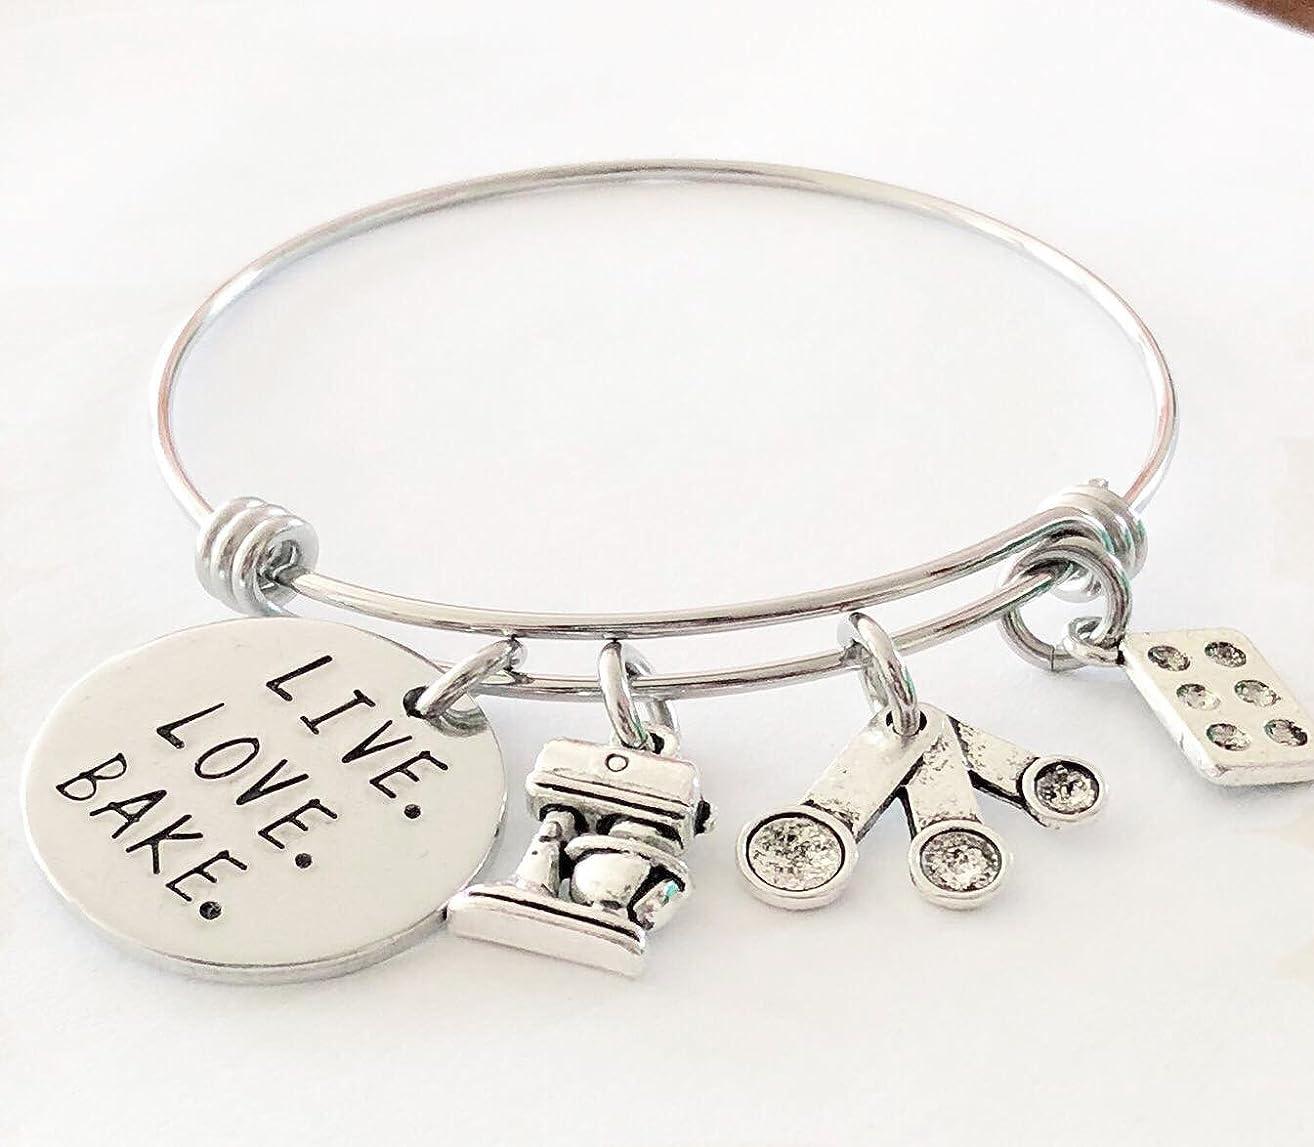 Bracelets for women, bracelet, charm bracelets for women,Muffin Pan & Measuring Spoons Necklace, Baker's Necklace, Cupcake Pan Necklace, Baking Themed Jewelry